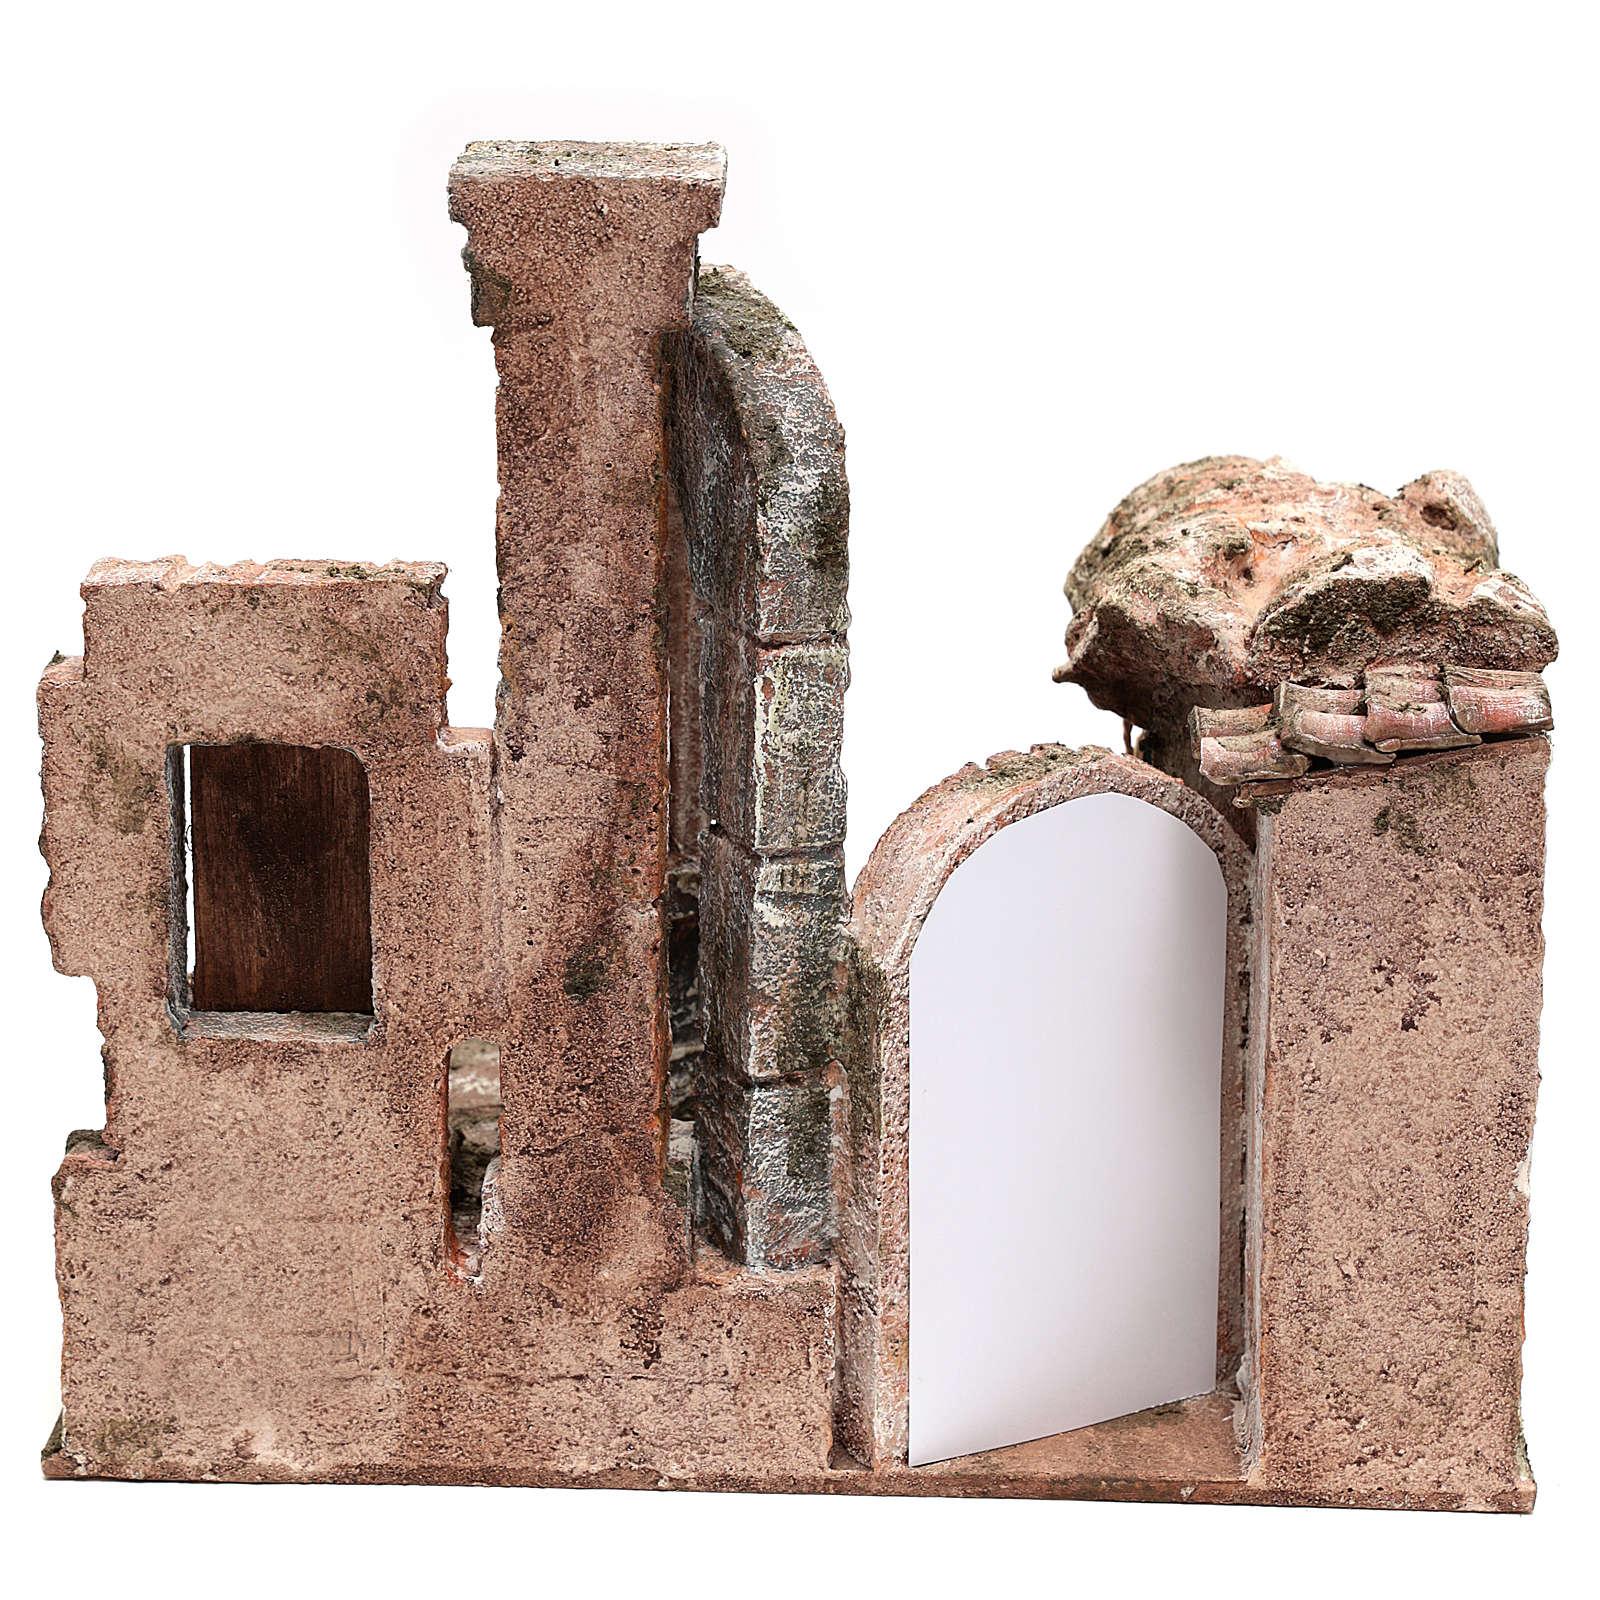 Aldea con columna y banquete belén 28x30x20 cm 4